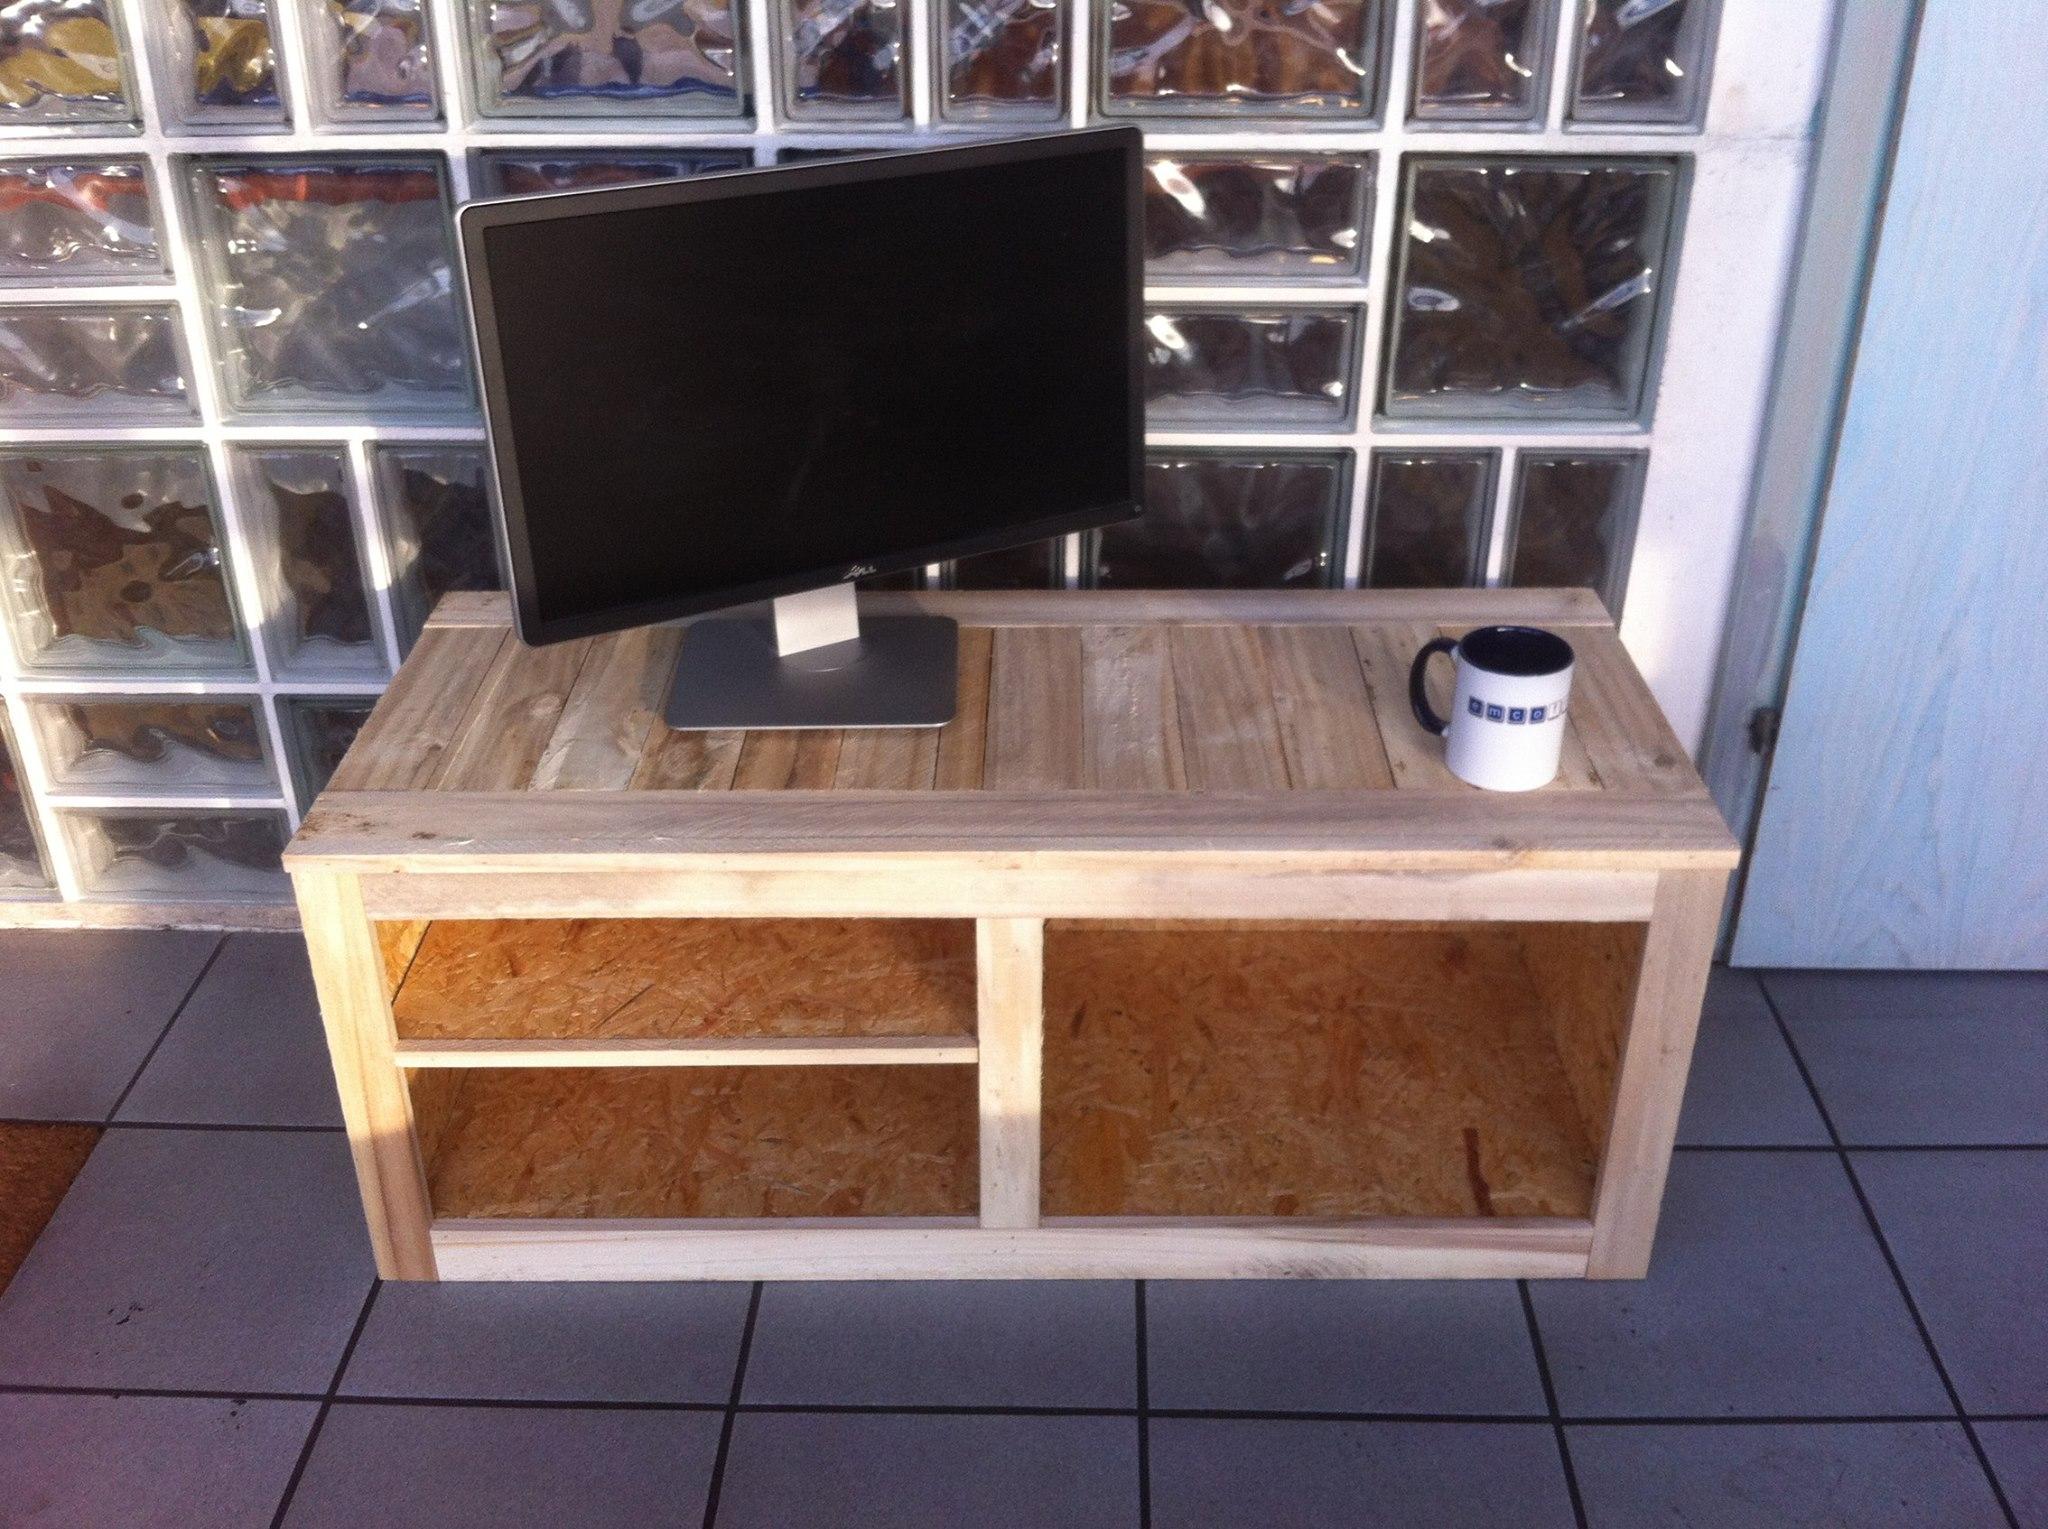 Meuble Tele Tous Les Fournisseurs Commode Tele Bahut  # Meuble Tv Moderne En Verre Laque Blanc Et Noir Lubla